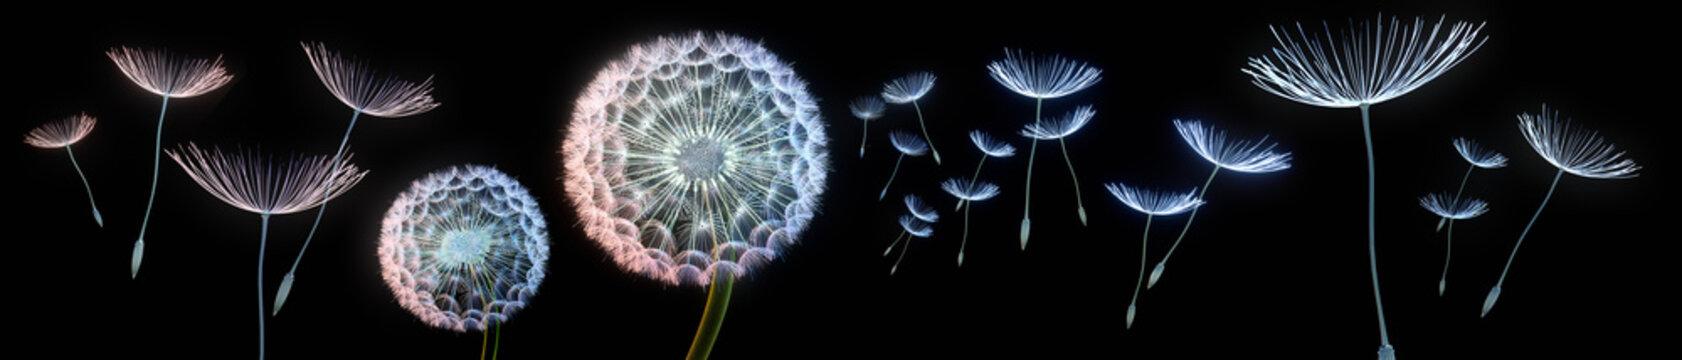 Pusteblumen vor schwarzem Hintergrund extremes Querformat